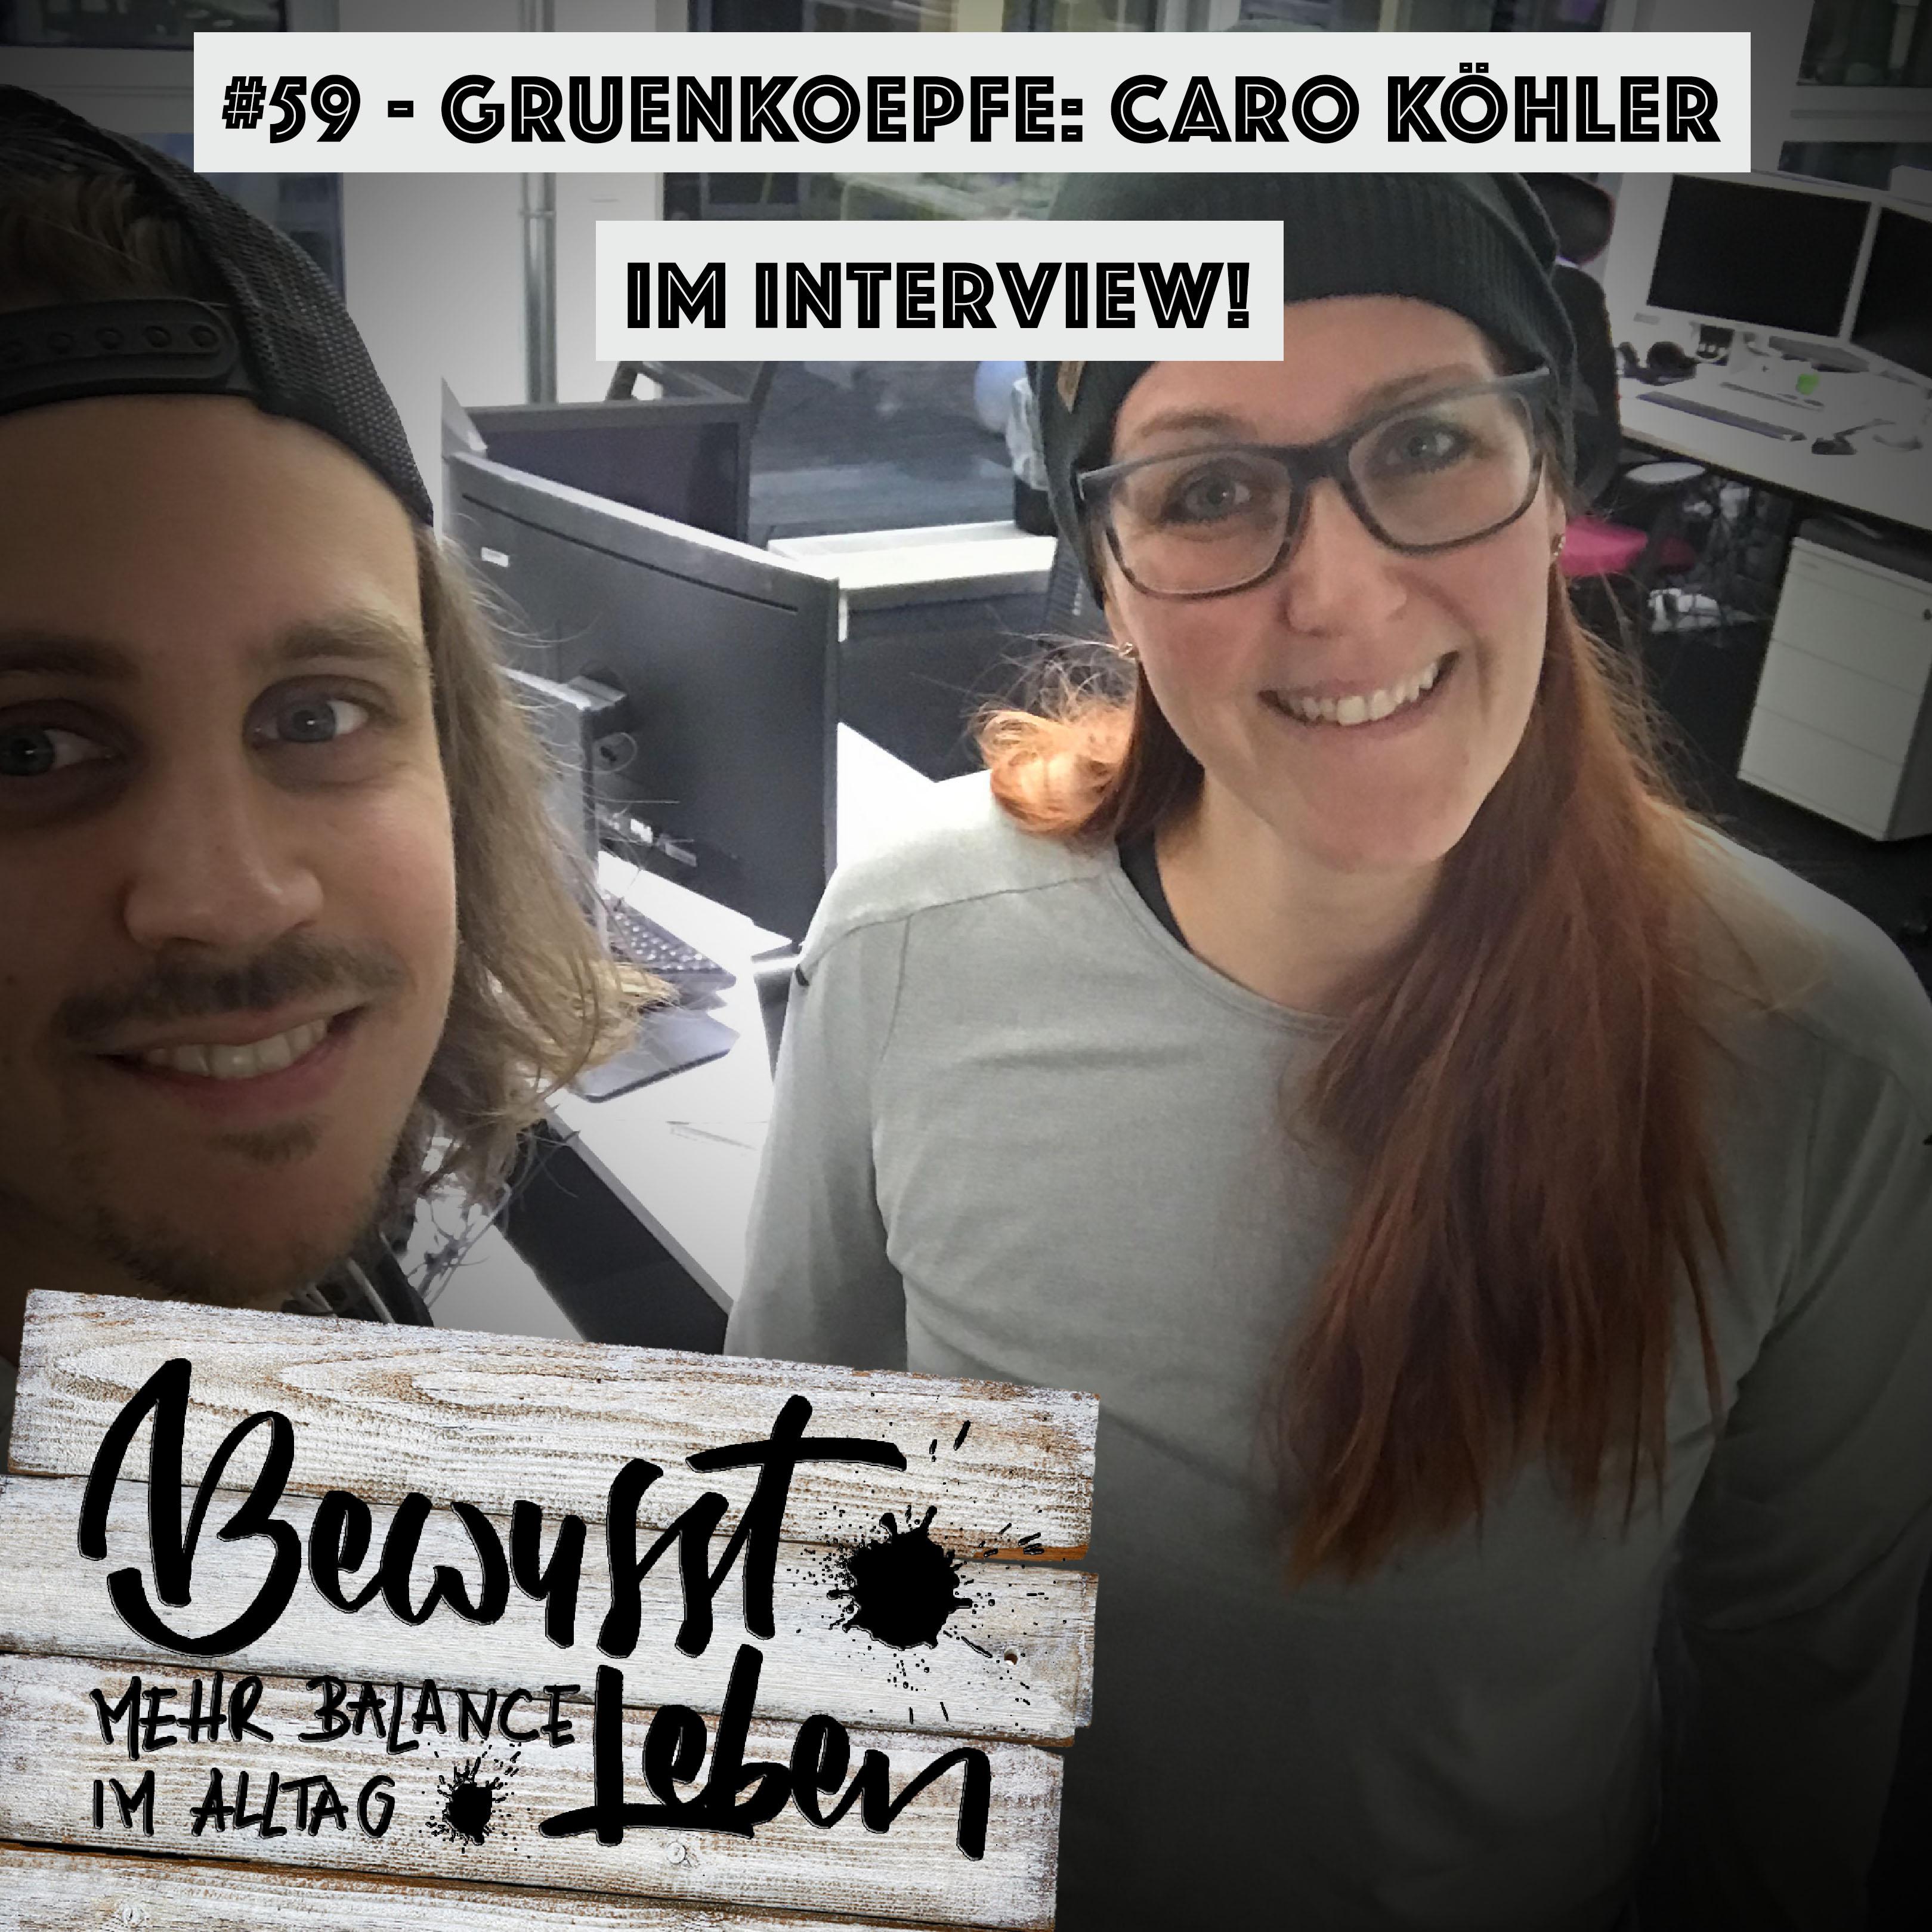 Gruenkoepfe- Caro Köhler im Interview über Nachhaltigkeit